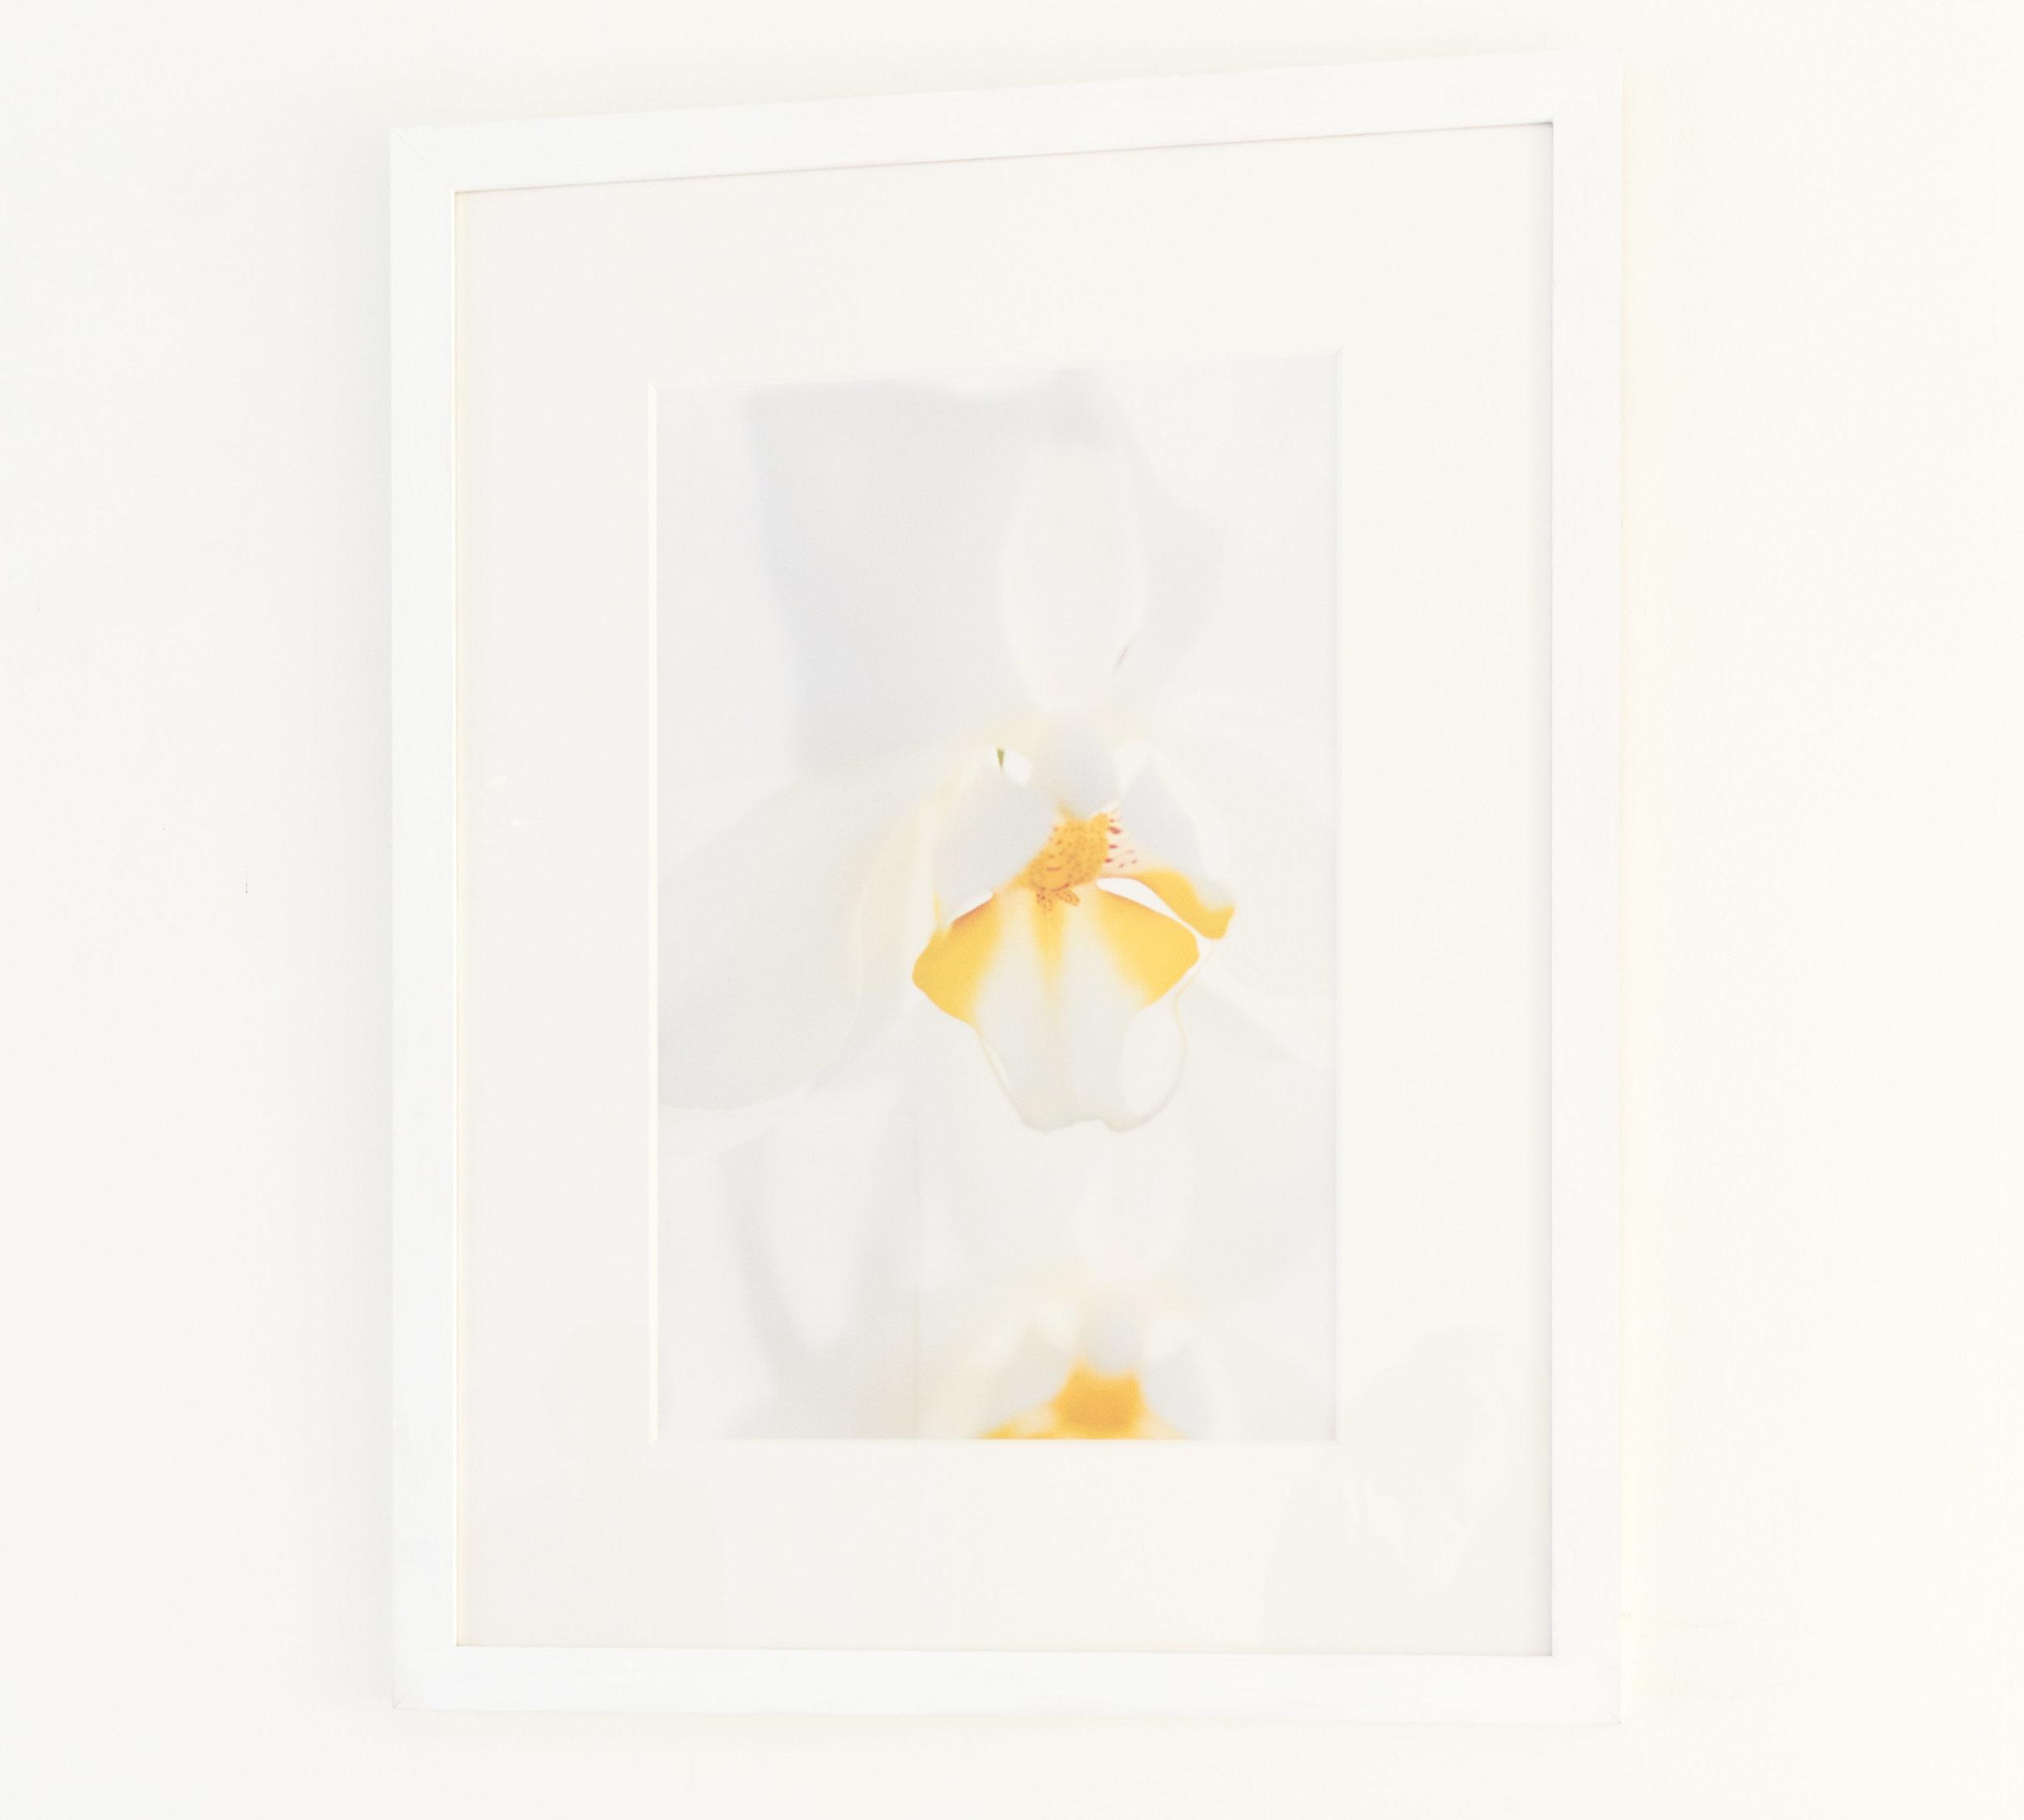 Butterfly effect framed 3.jpg